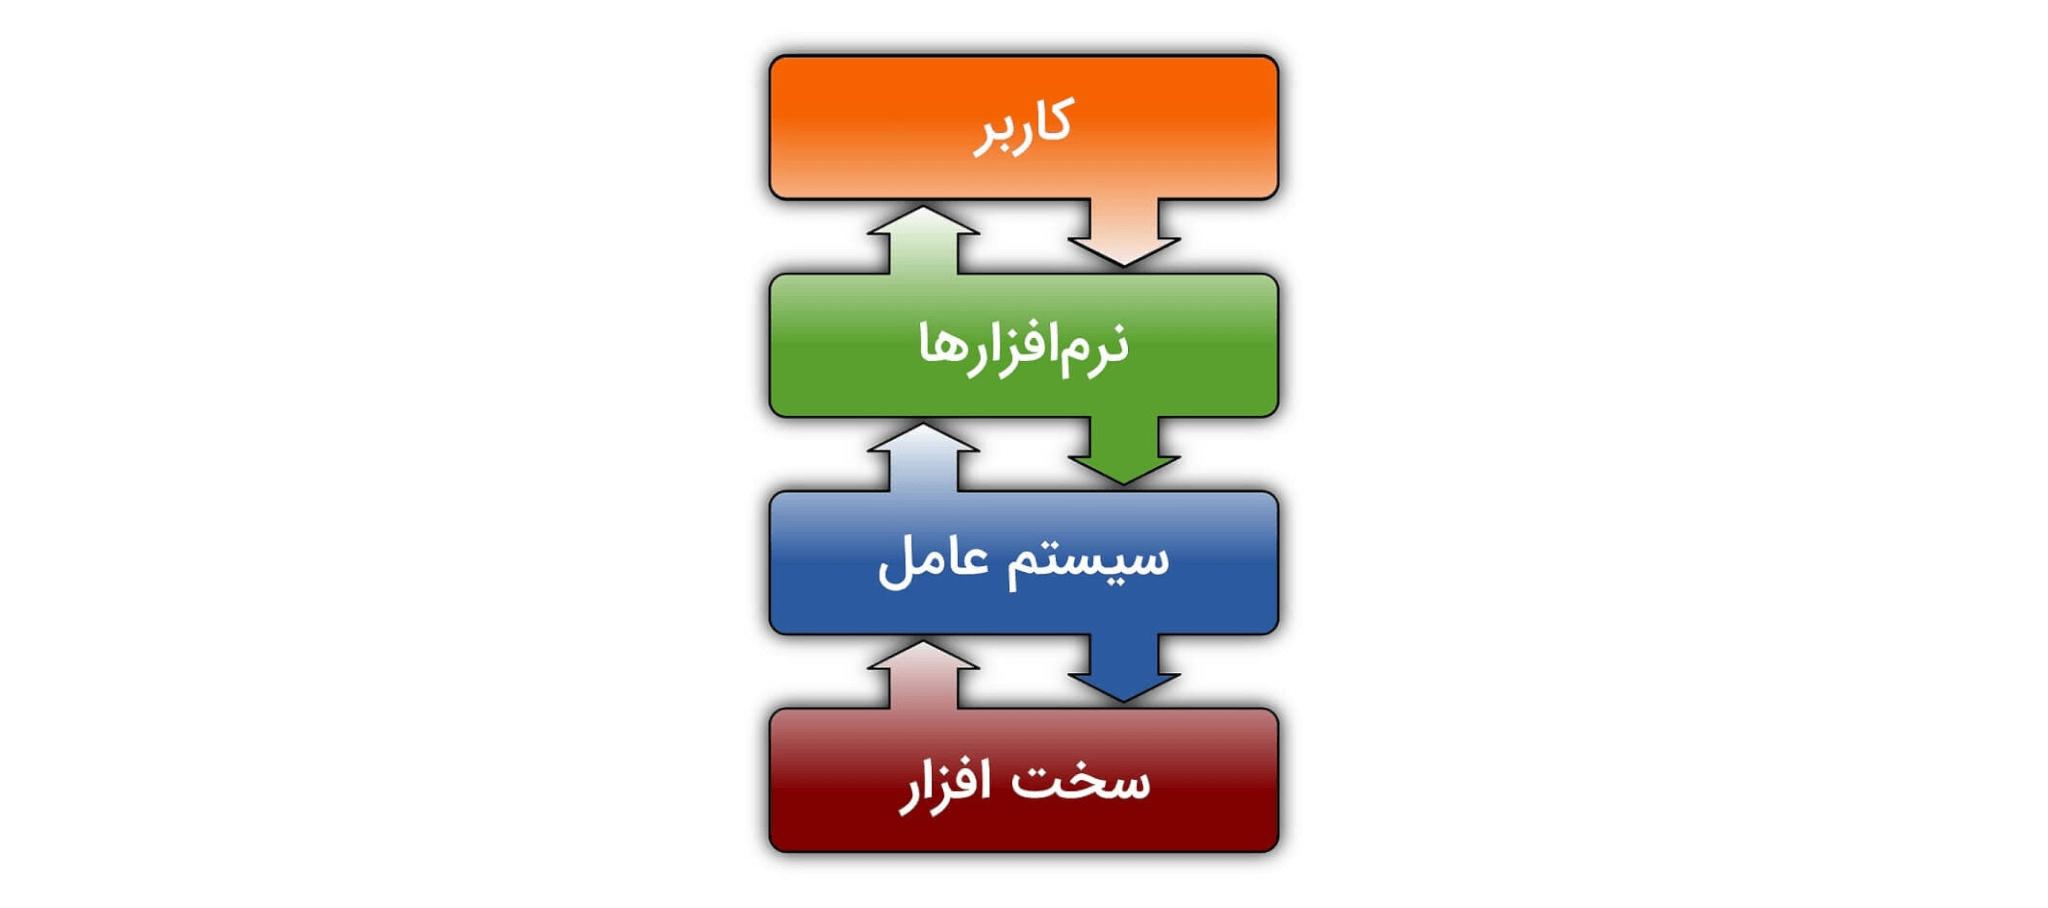 آشنایی با مفهوم سیستمعامل و نحوهی عملکرد آن به زبان ساده